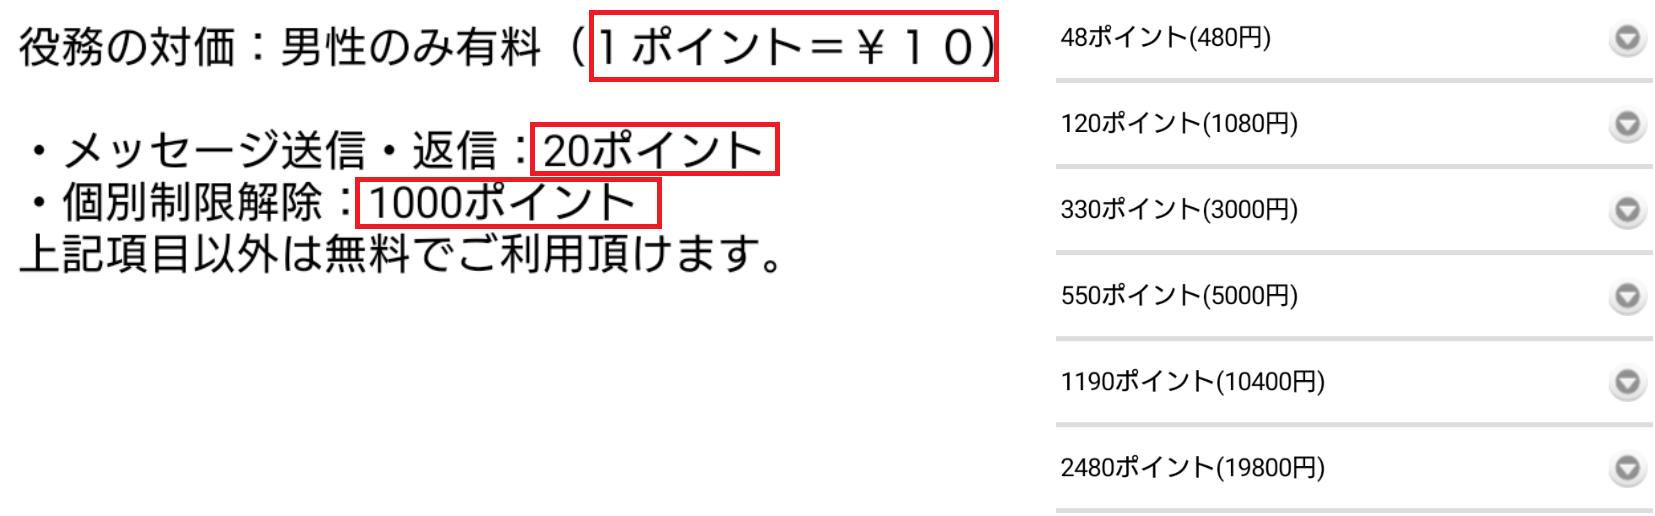 サクラ詐欺出会い系アプリ「SYUMI-TOMO」料金体系